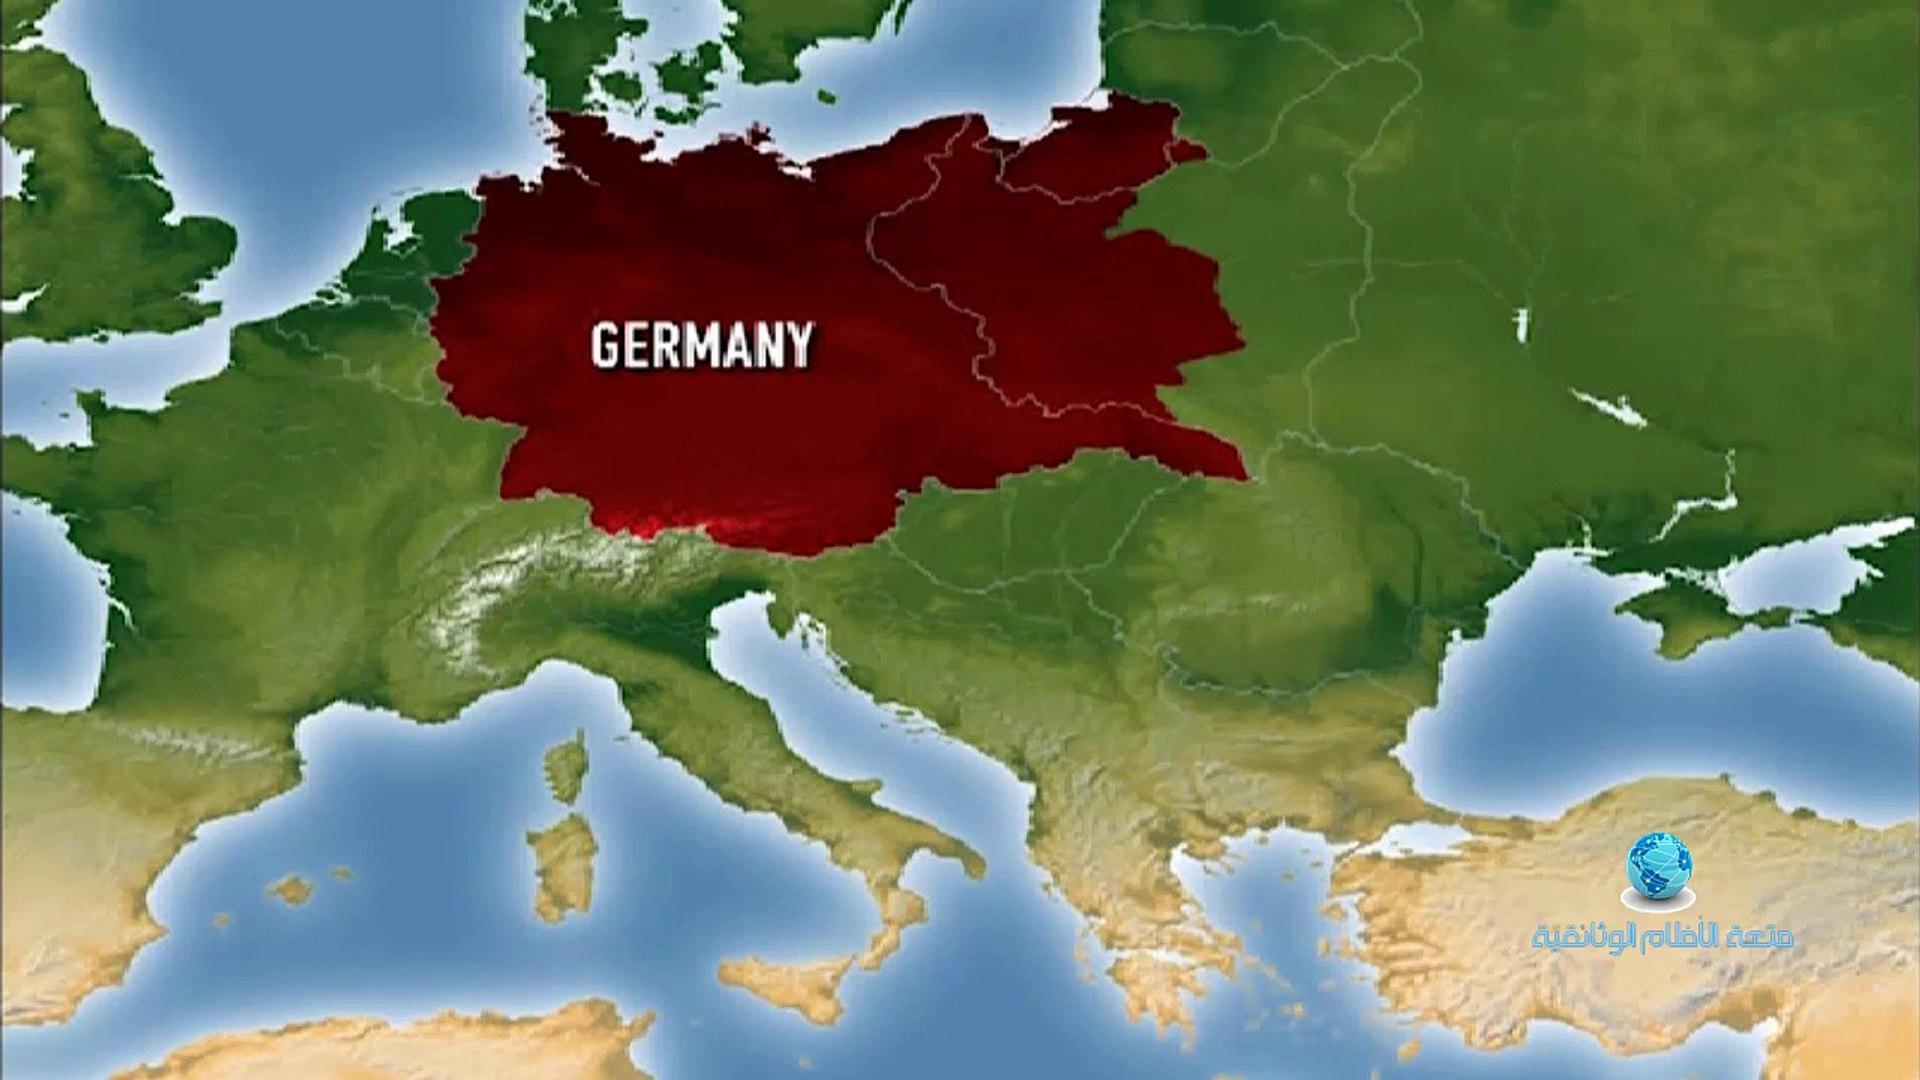 وثائقي   الحرب العالمية الثانية بالألوان - الجزء الثاني